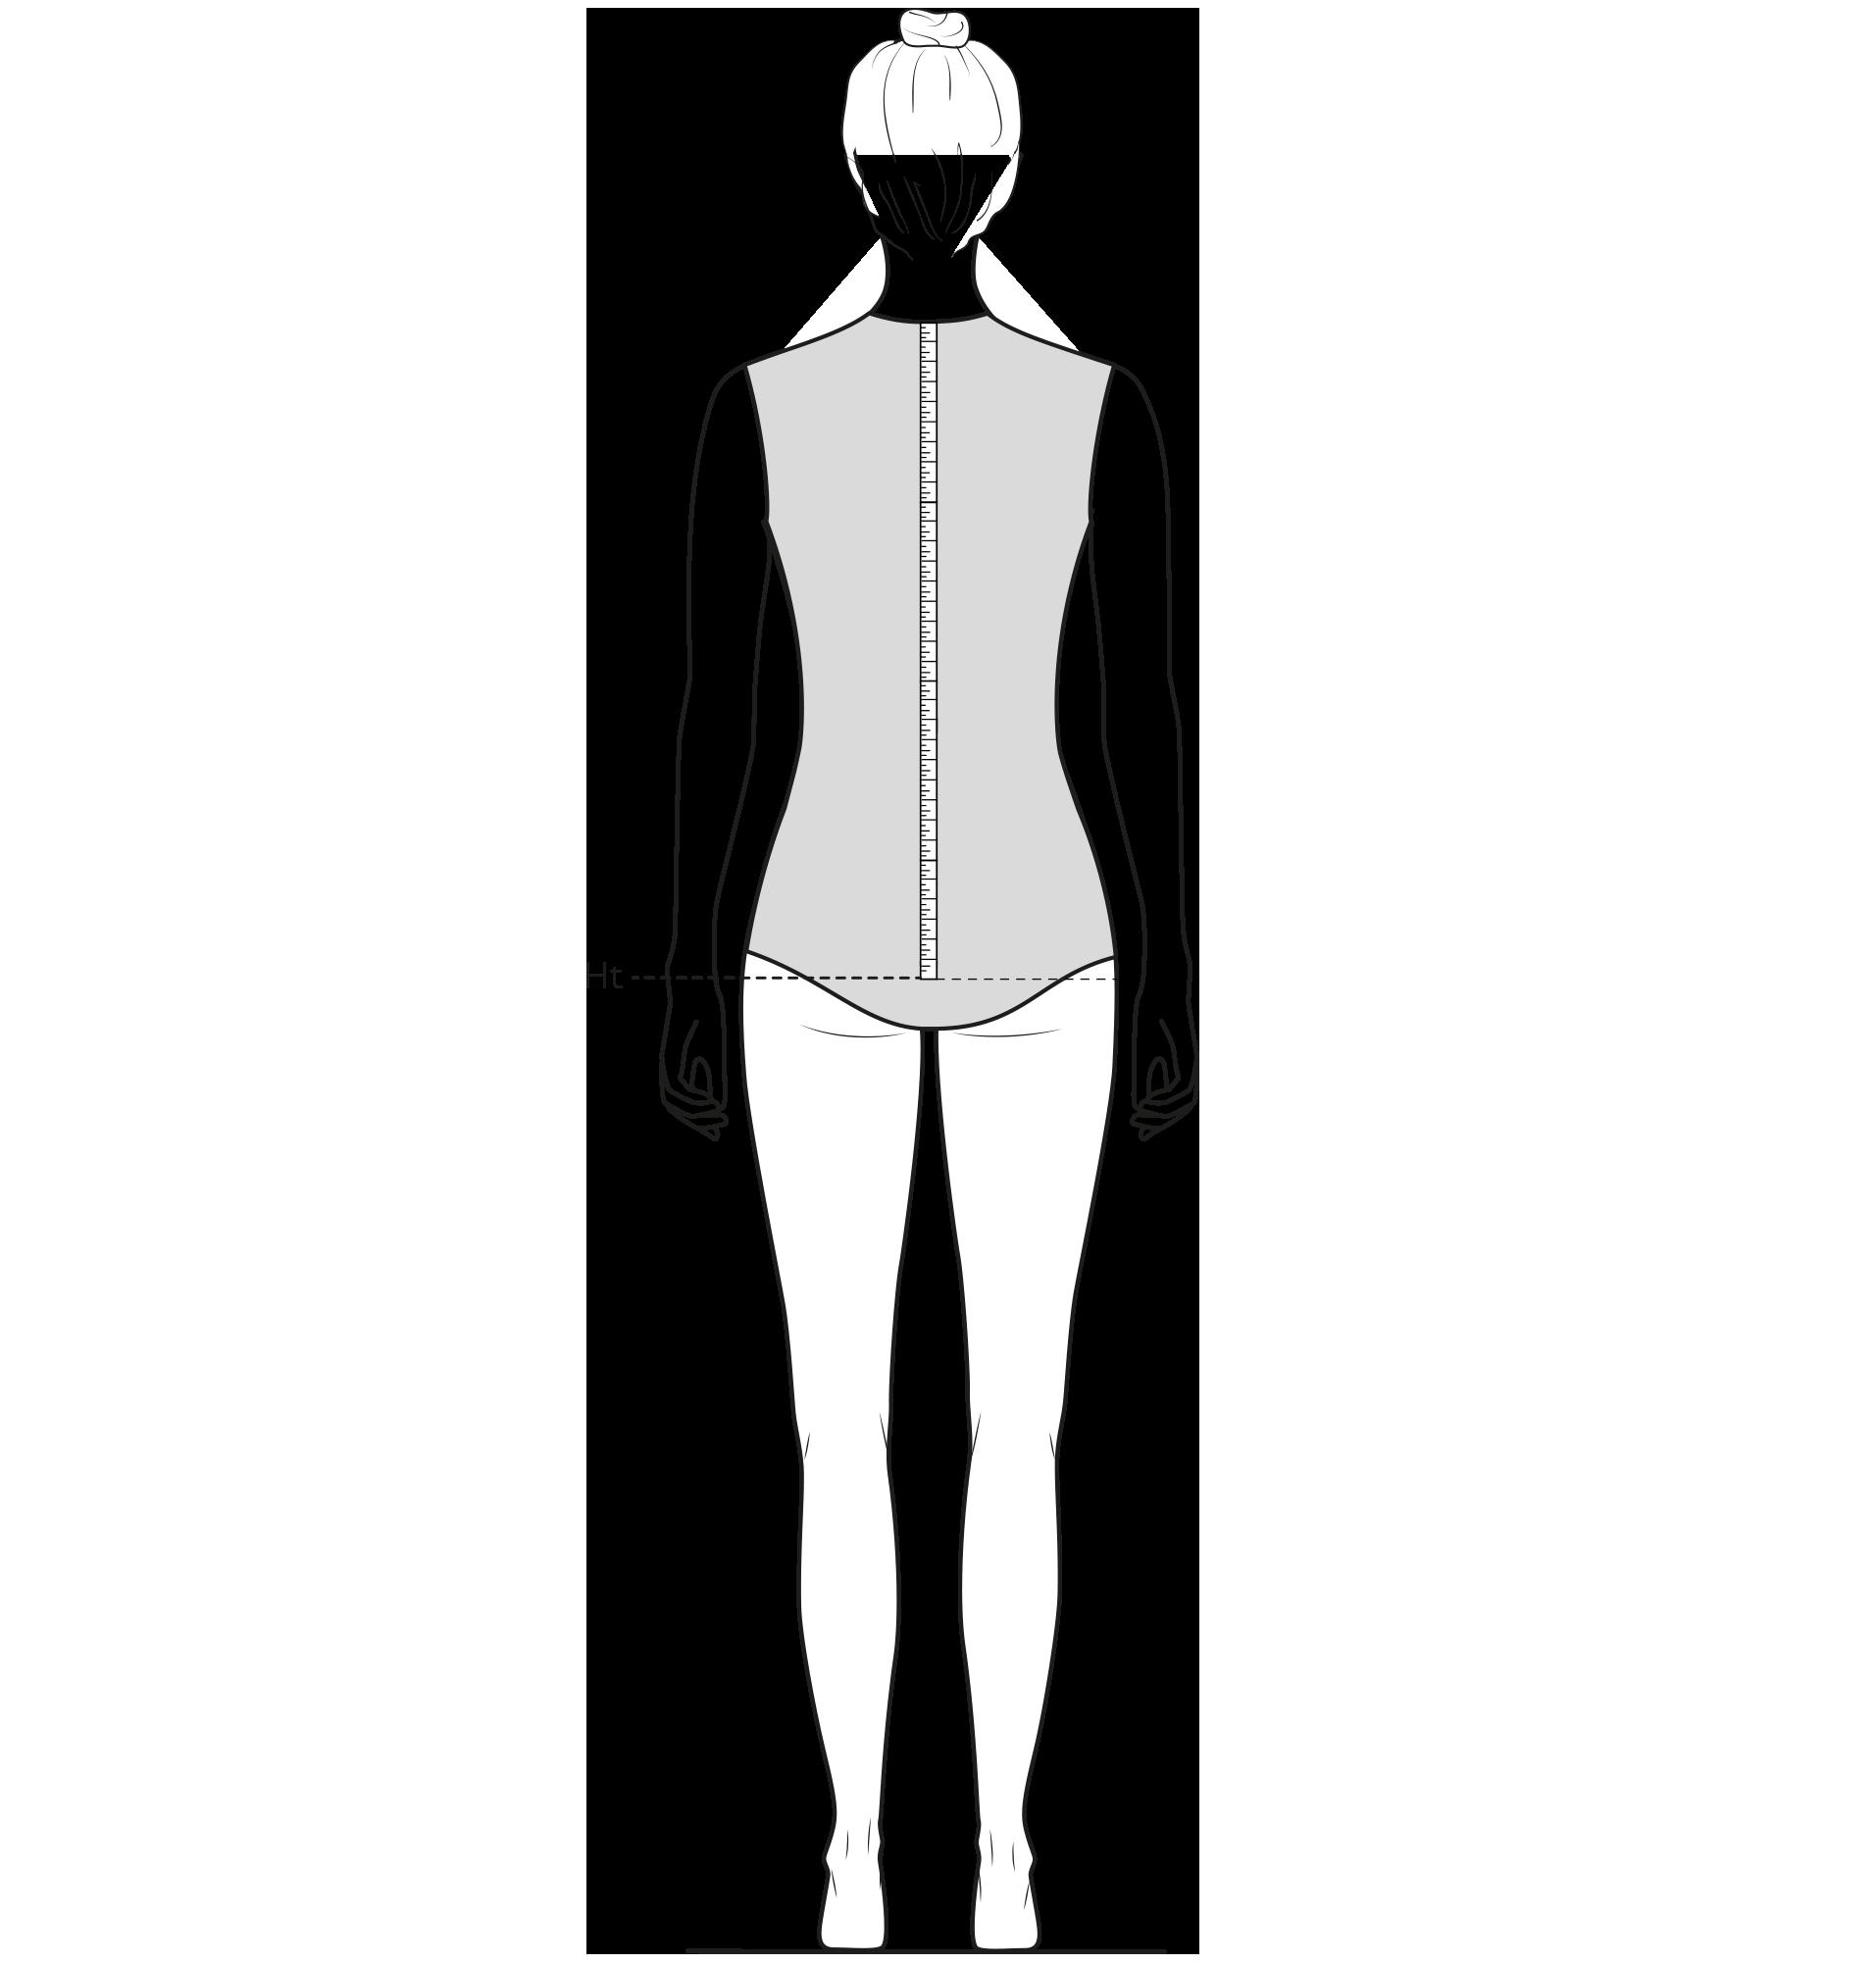 Diese Zeichnung zeigt das Messen der Hüfttiefe.